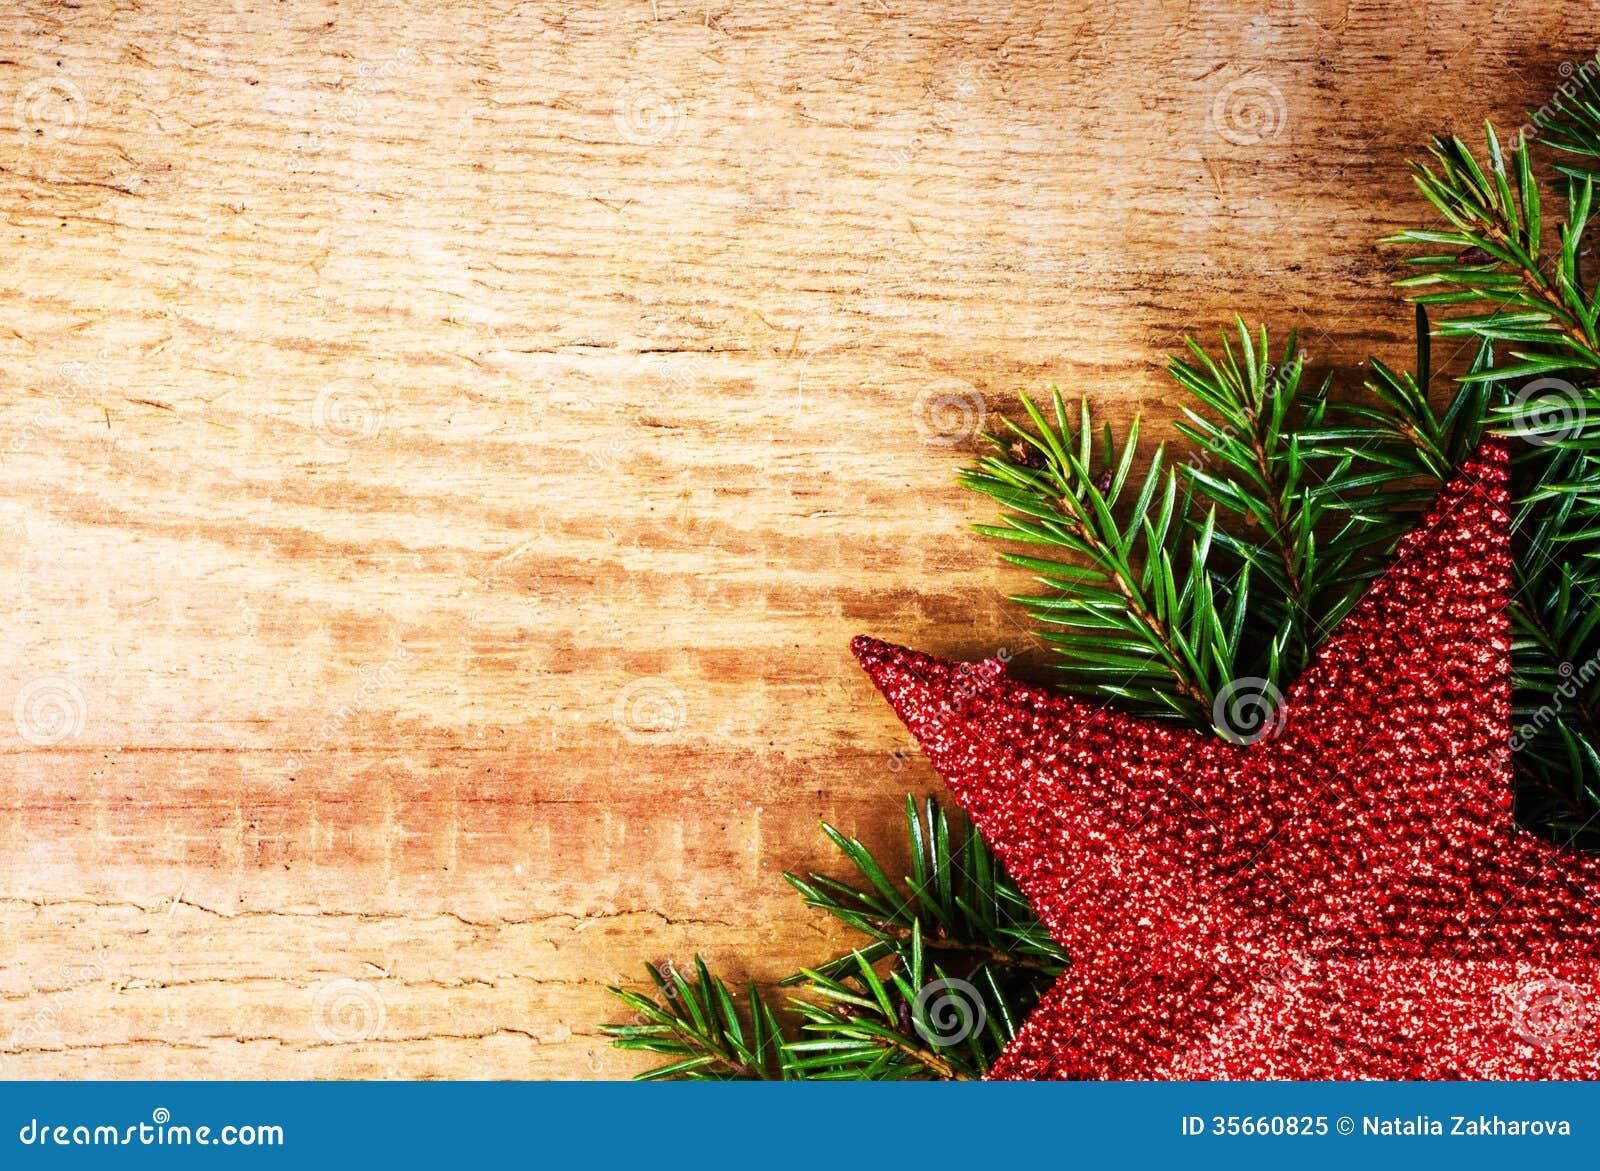 Decoration sur le bois for Decoration sur bois